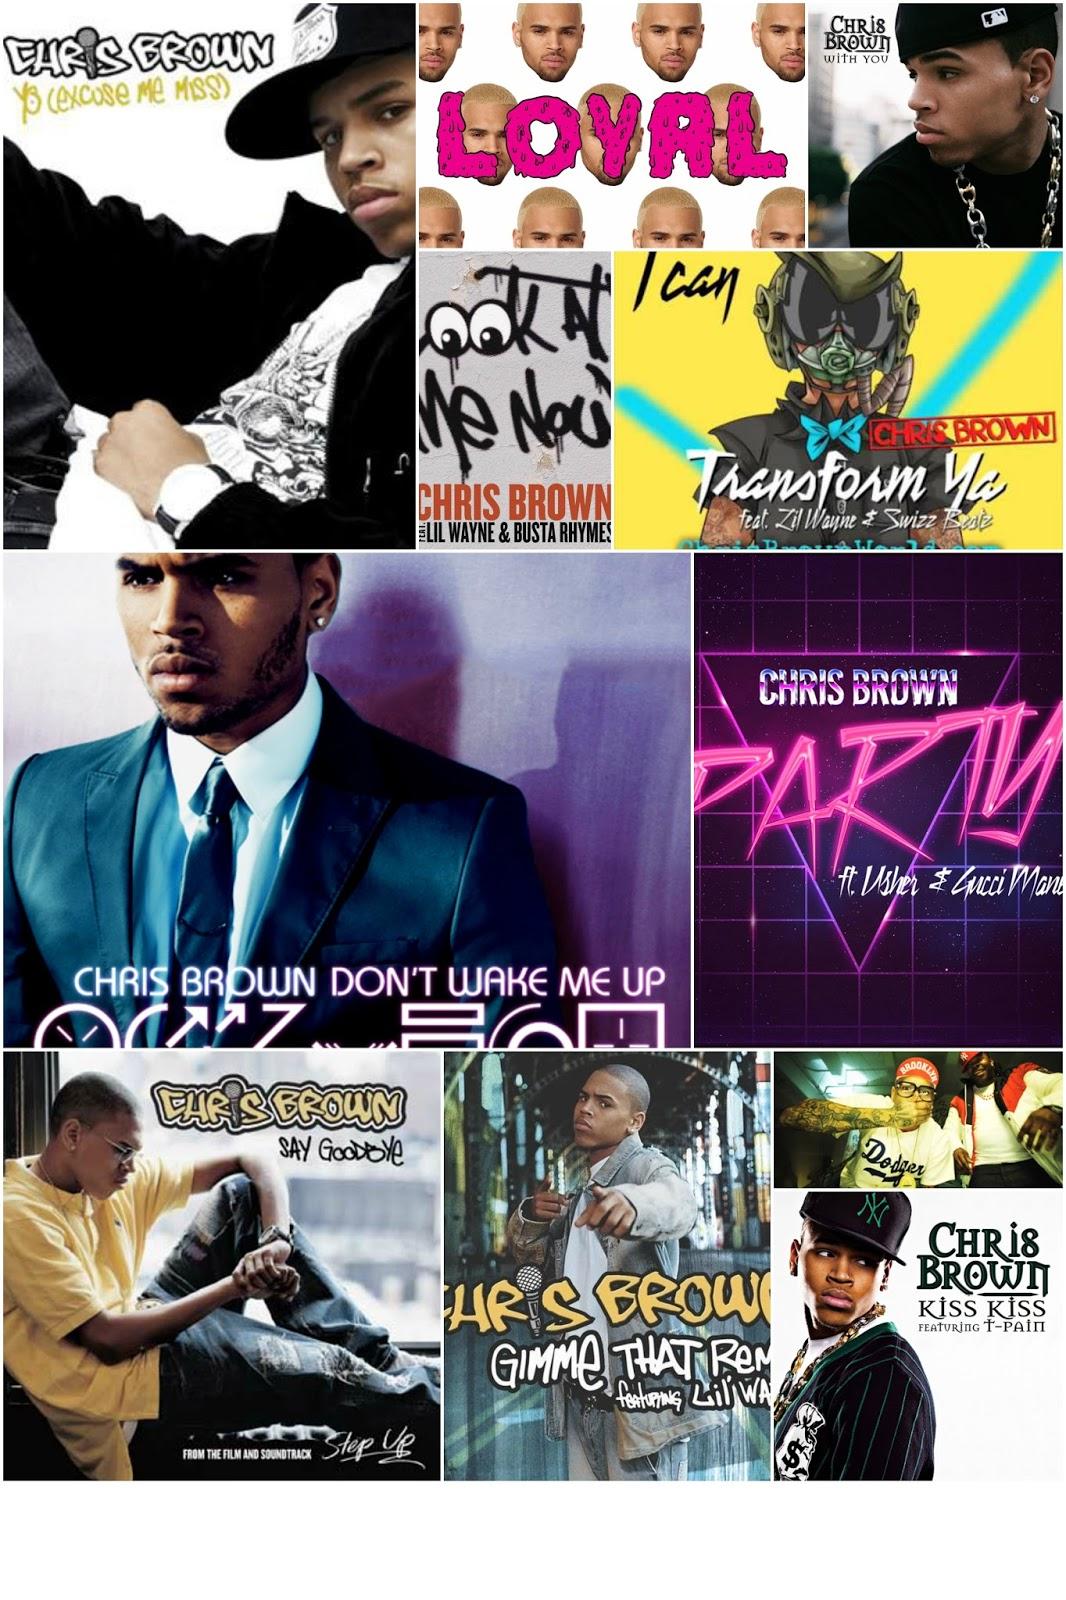 Kerin's Korner: Kerin's Top Ten: Chris Brown Songs